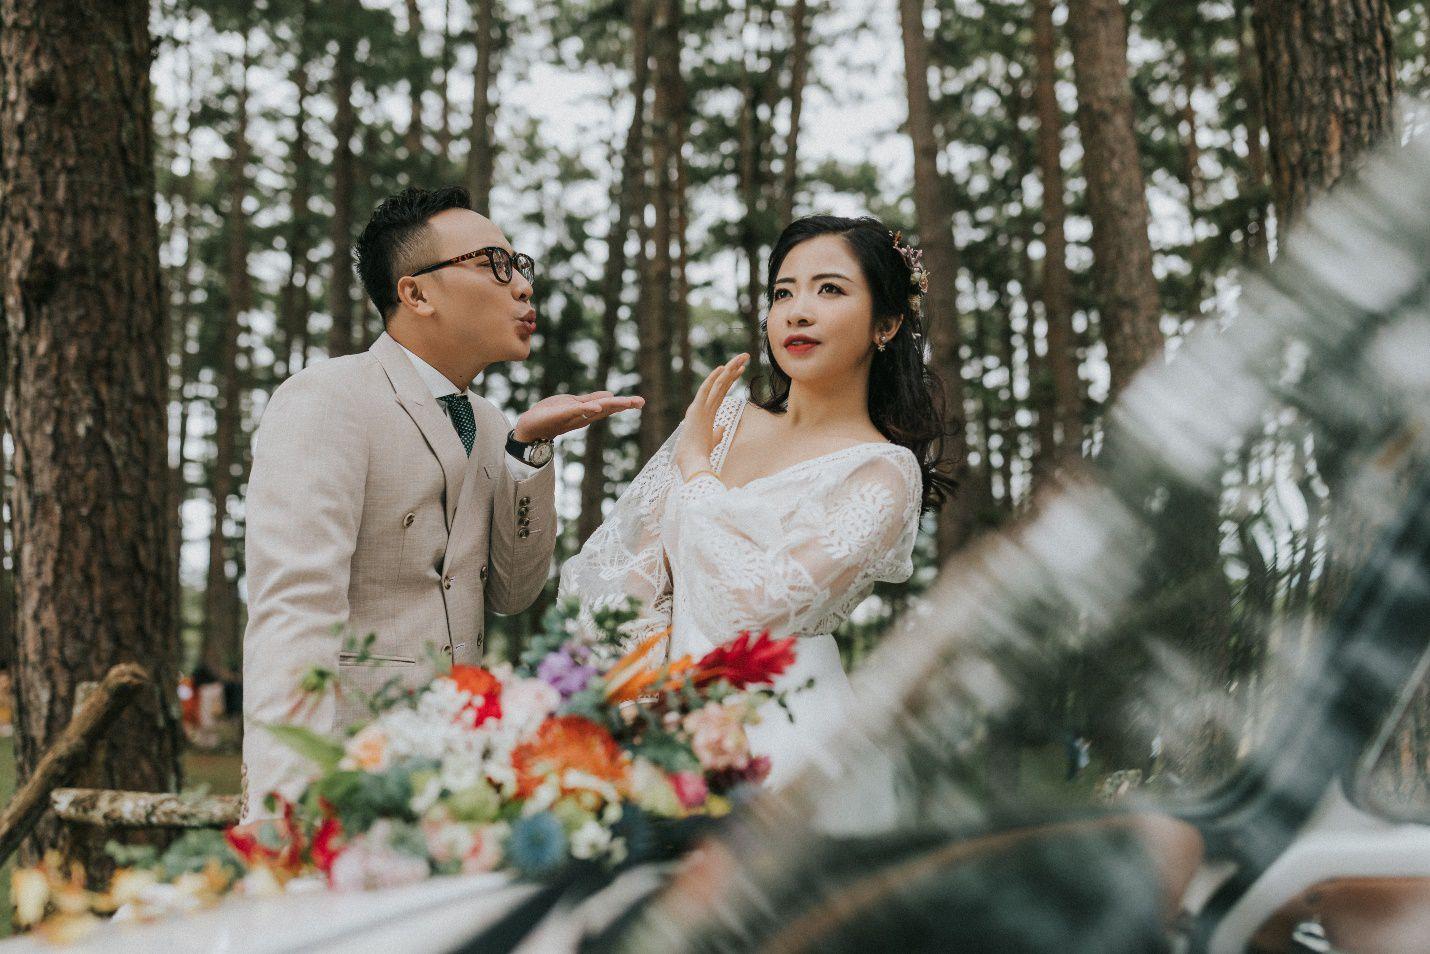 """MC VTV lấy được vợ """"nhờ bát cháo sườn"""" và đám cưới 100 khách mời - 3"""